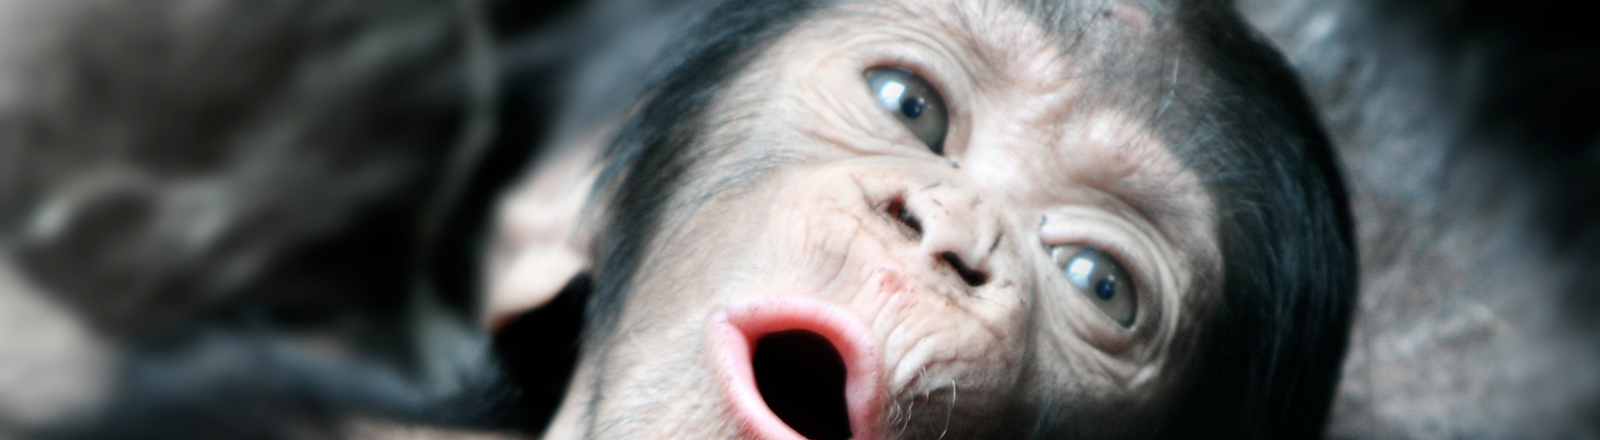 Ein Schimpanse mit offenem Mund